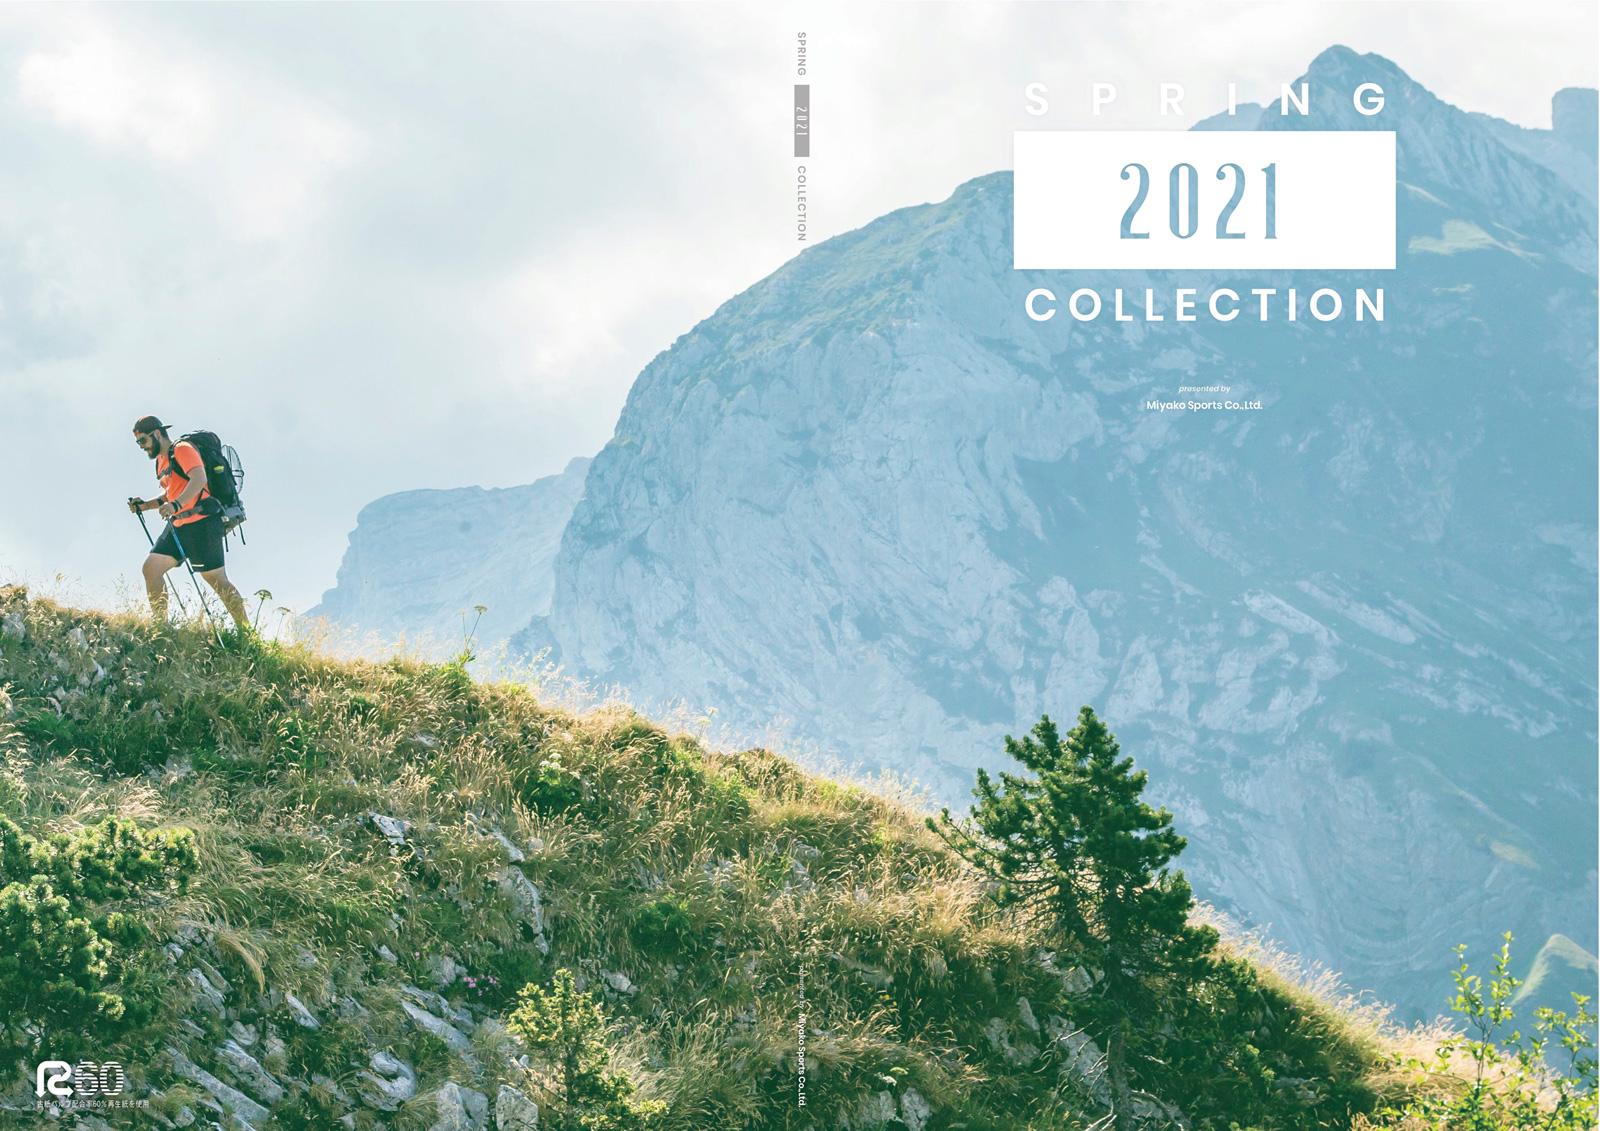 2021《スプリング・コレクション》公開、更新のお知らせ